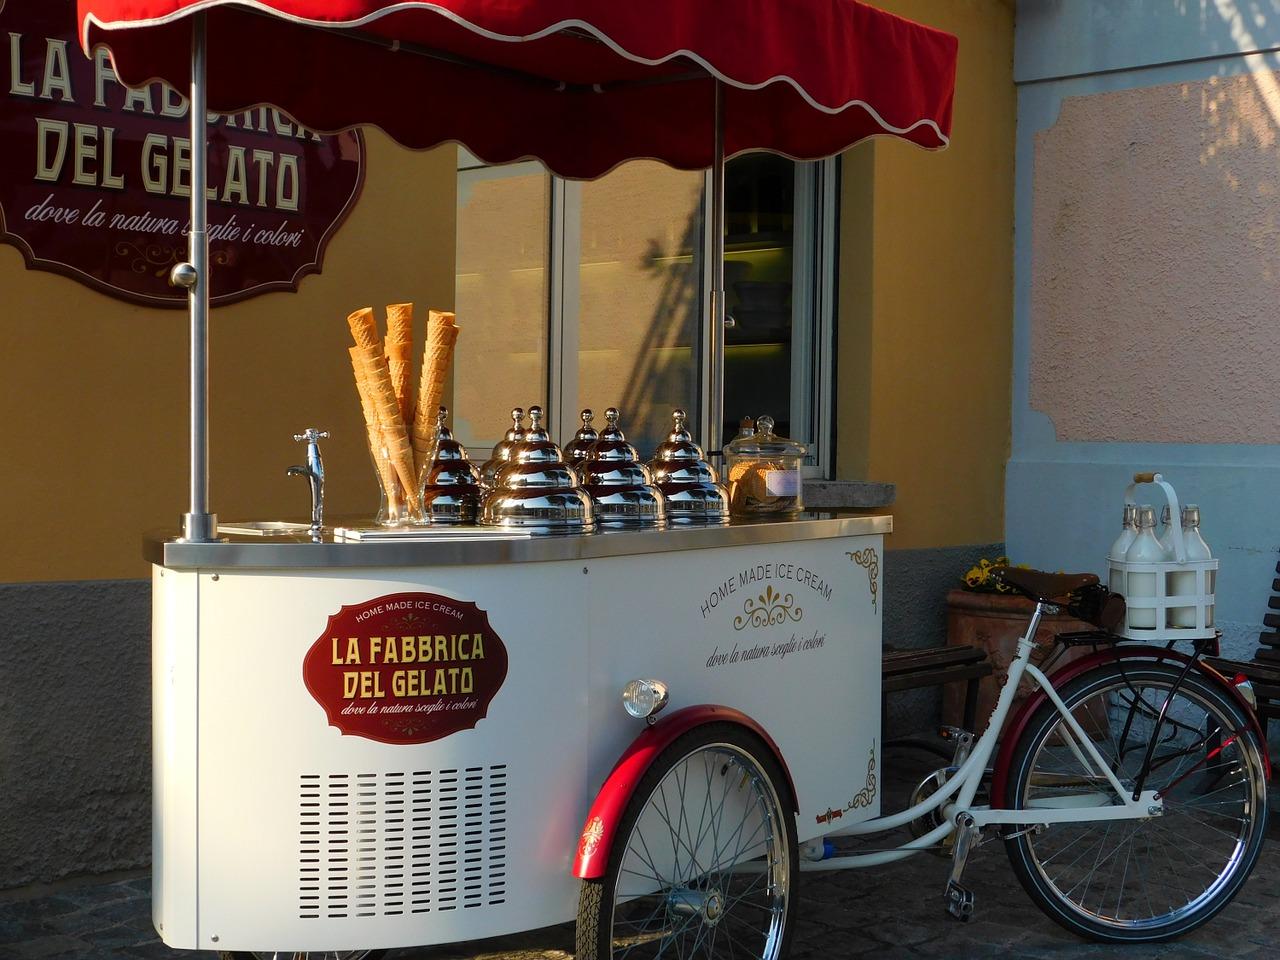 Cambiare lavoro: perché non aprire una gelateria?